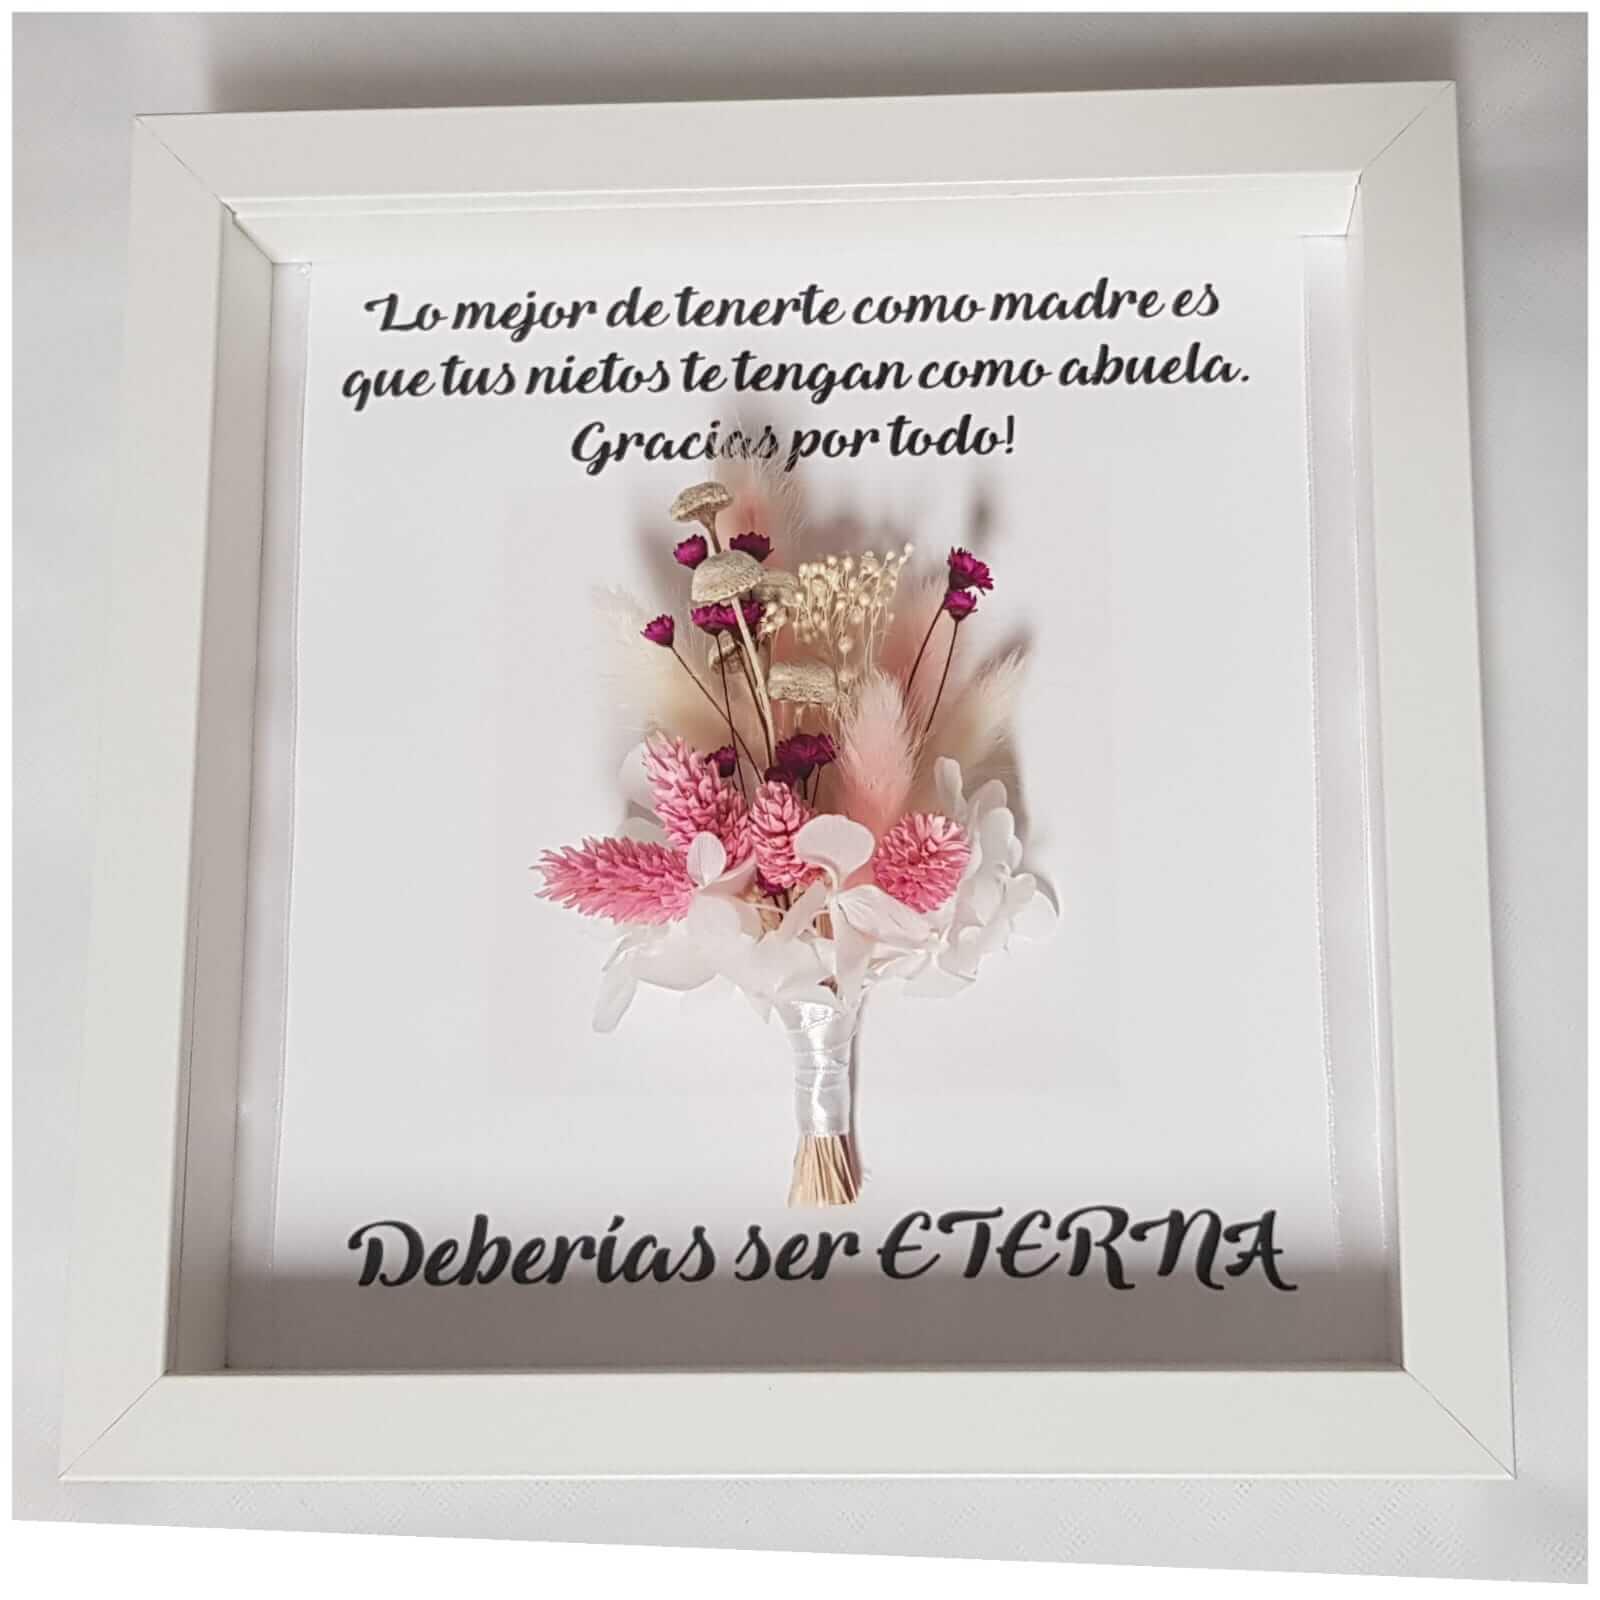 cuadros personalizados | cuadro personalizado cuadro personalizado - cuadro personalizado Cuadros de Madera con Frases Personalizadas cuadros personalizados 1 - Cuadro personalizado realizado con flores preservadas